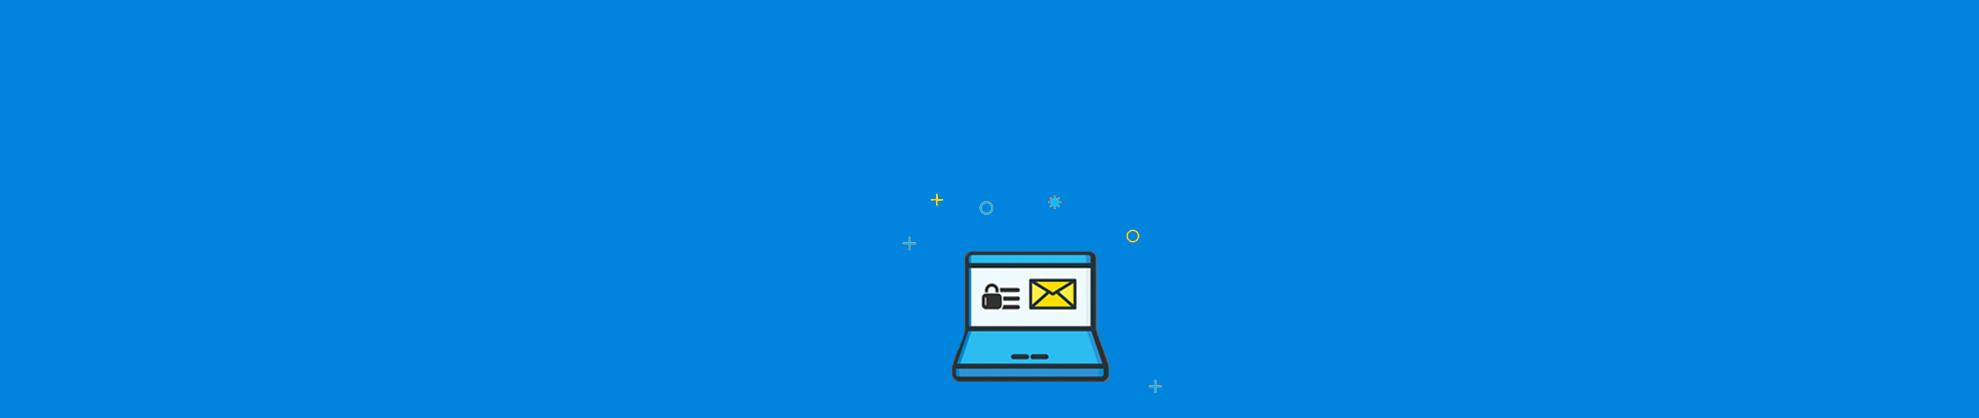 RMail beveiligde emails versturen